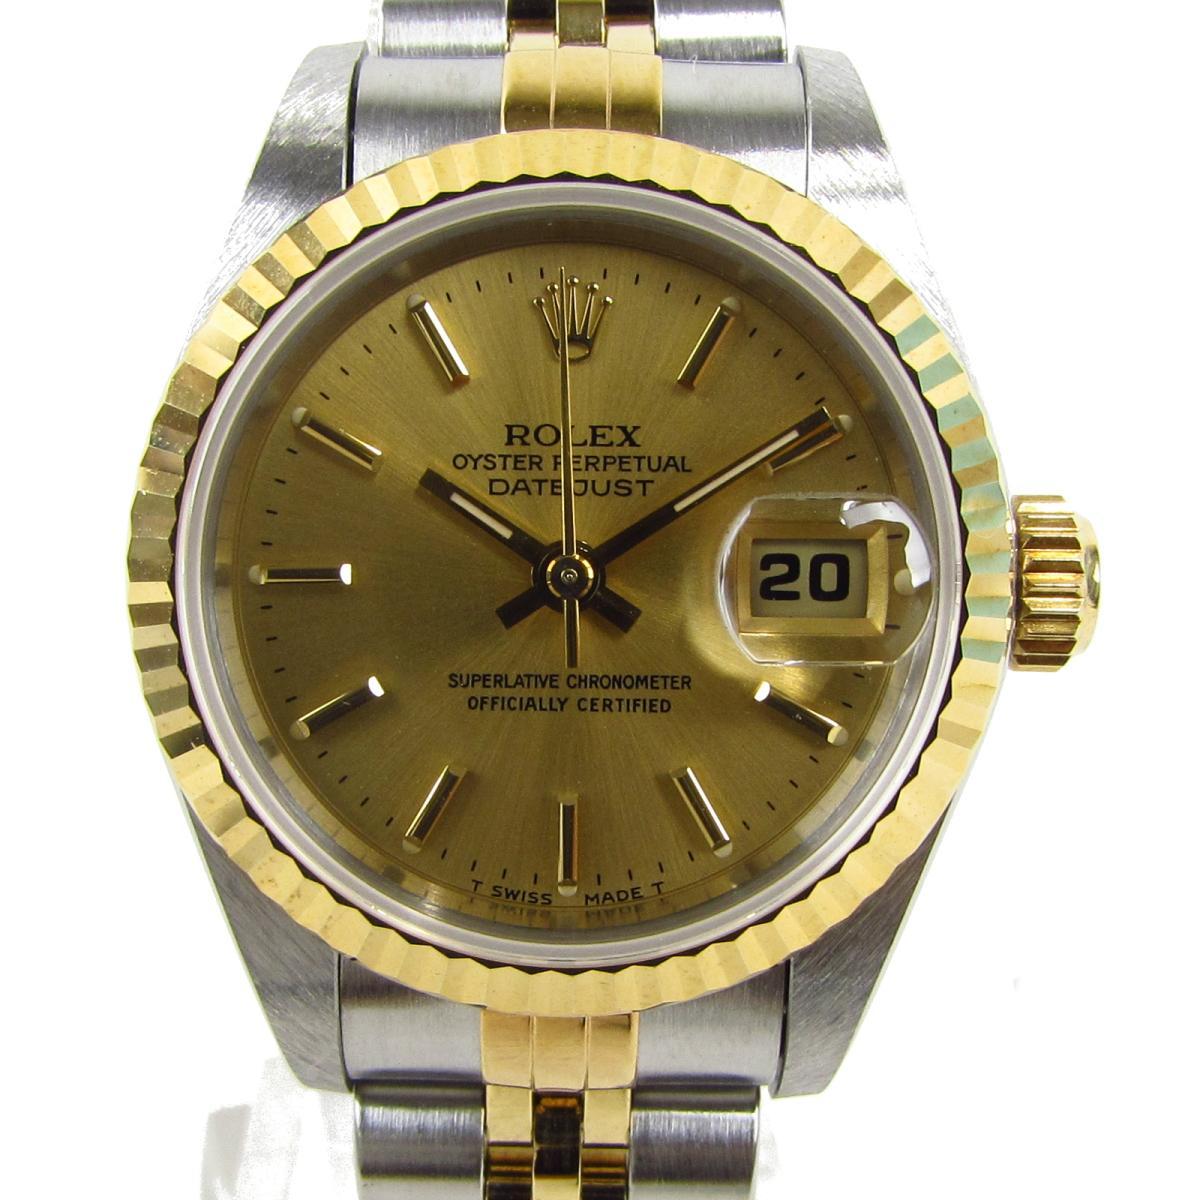 【中古】 ロレックス デイトジャスト ウォッチ 腕時計 レディース K18YG (750)イエローゴールド x ステンレススチール (SS) (69173 T番)   ROLEX BRANDOFF ブランドオフ ブランド ブランド時計 ブランド腕時計 時計